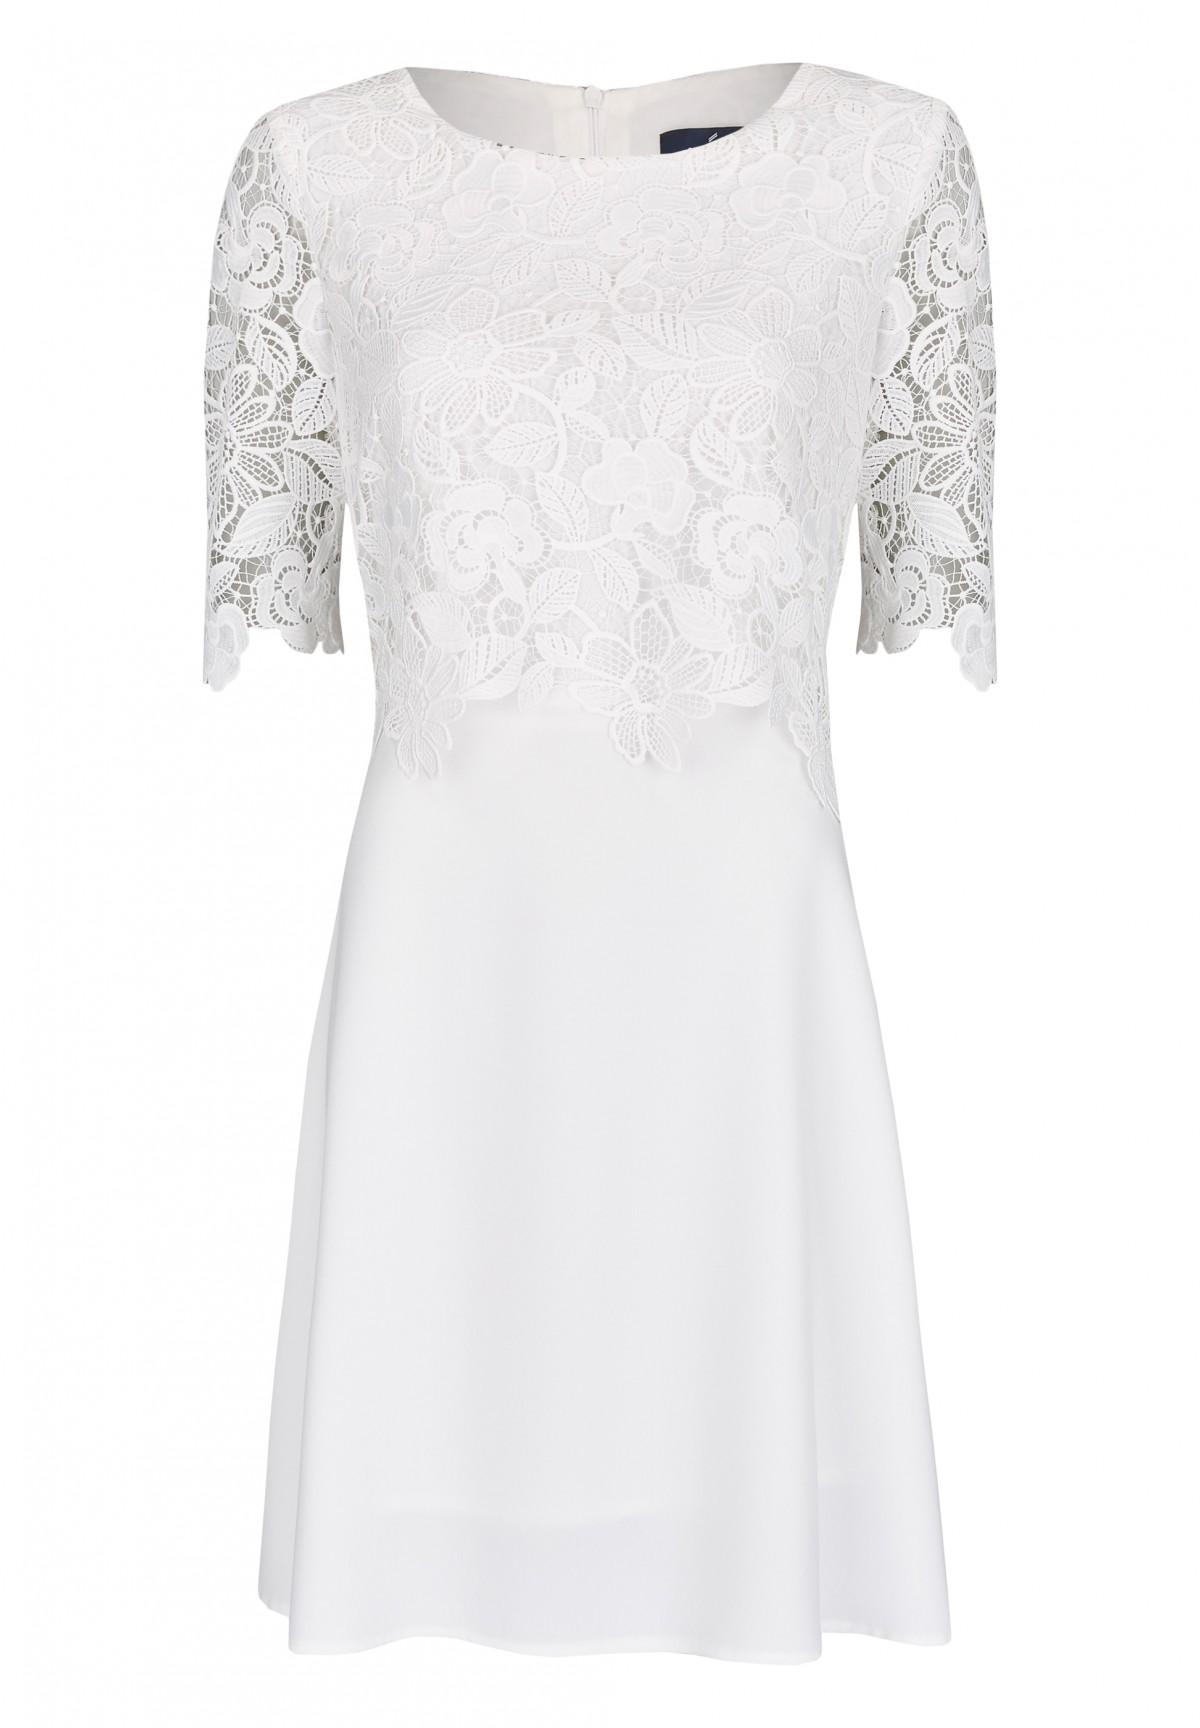 Elegantes Kleid mit Spitze / Dress